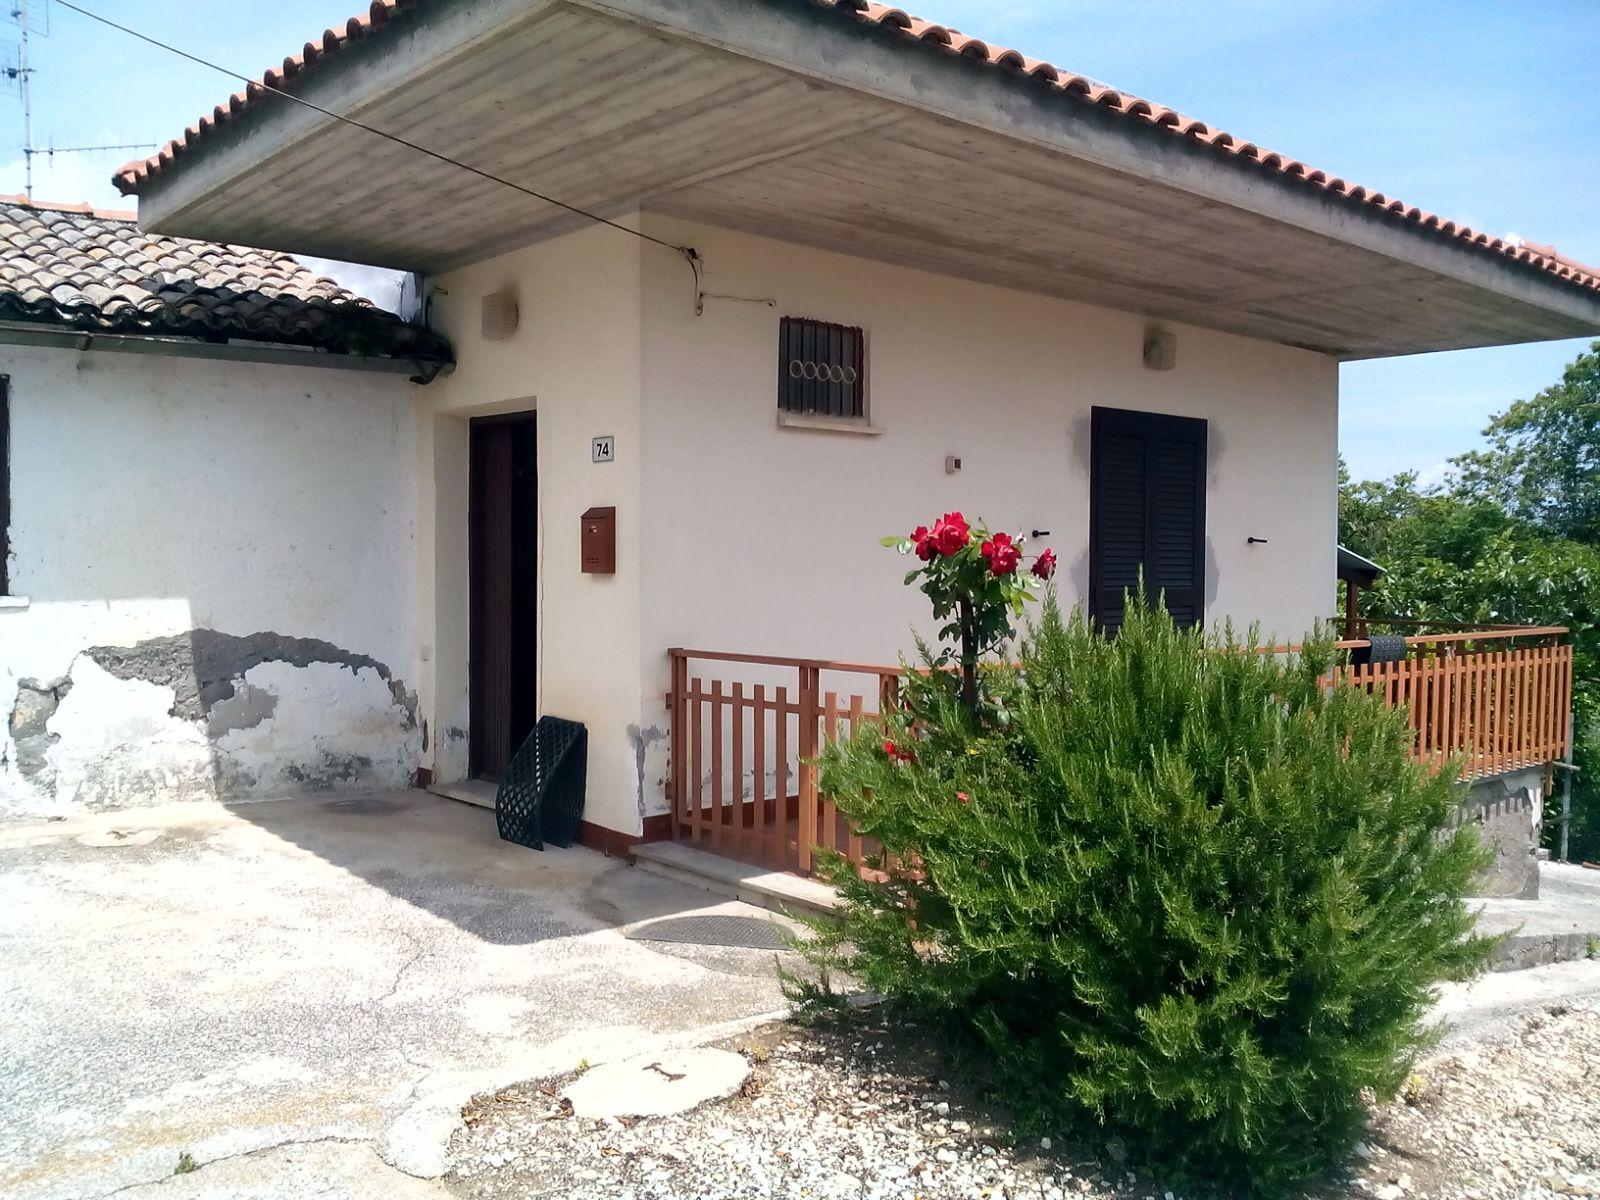 Soluzione Indipendente in vendita a Velletri, 3 locali, prezzo € 130.000 | Cambio Casa.it